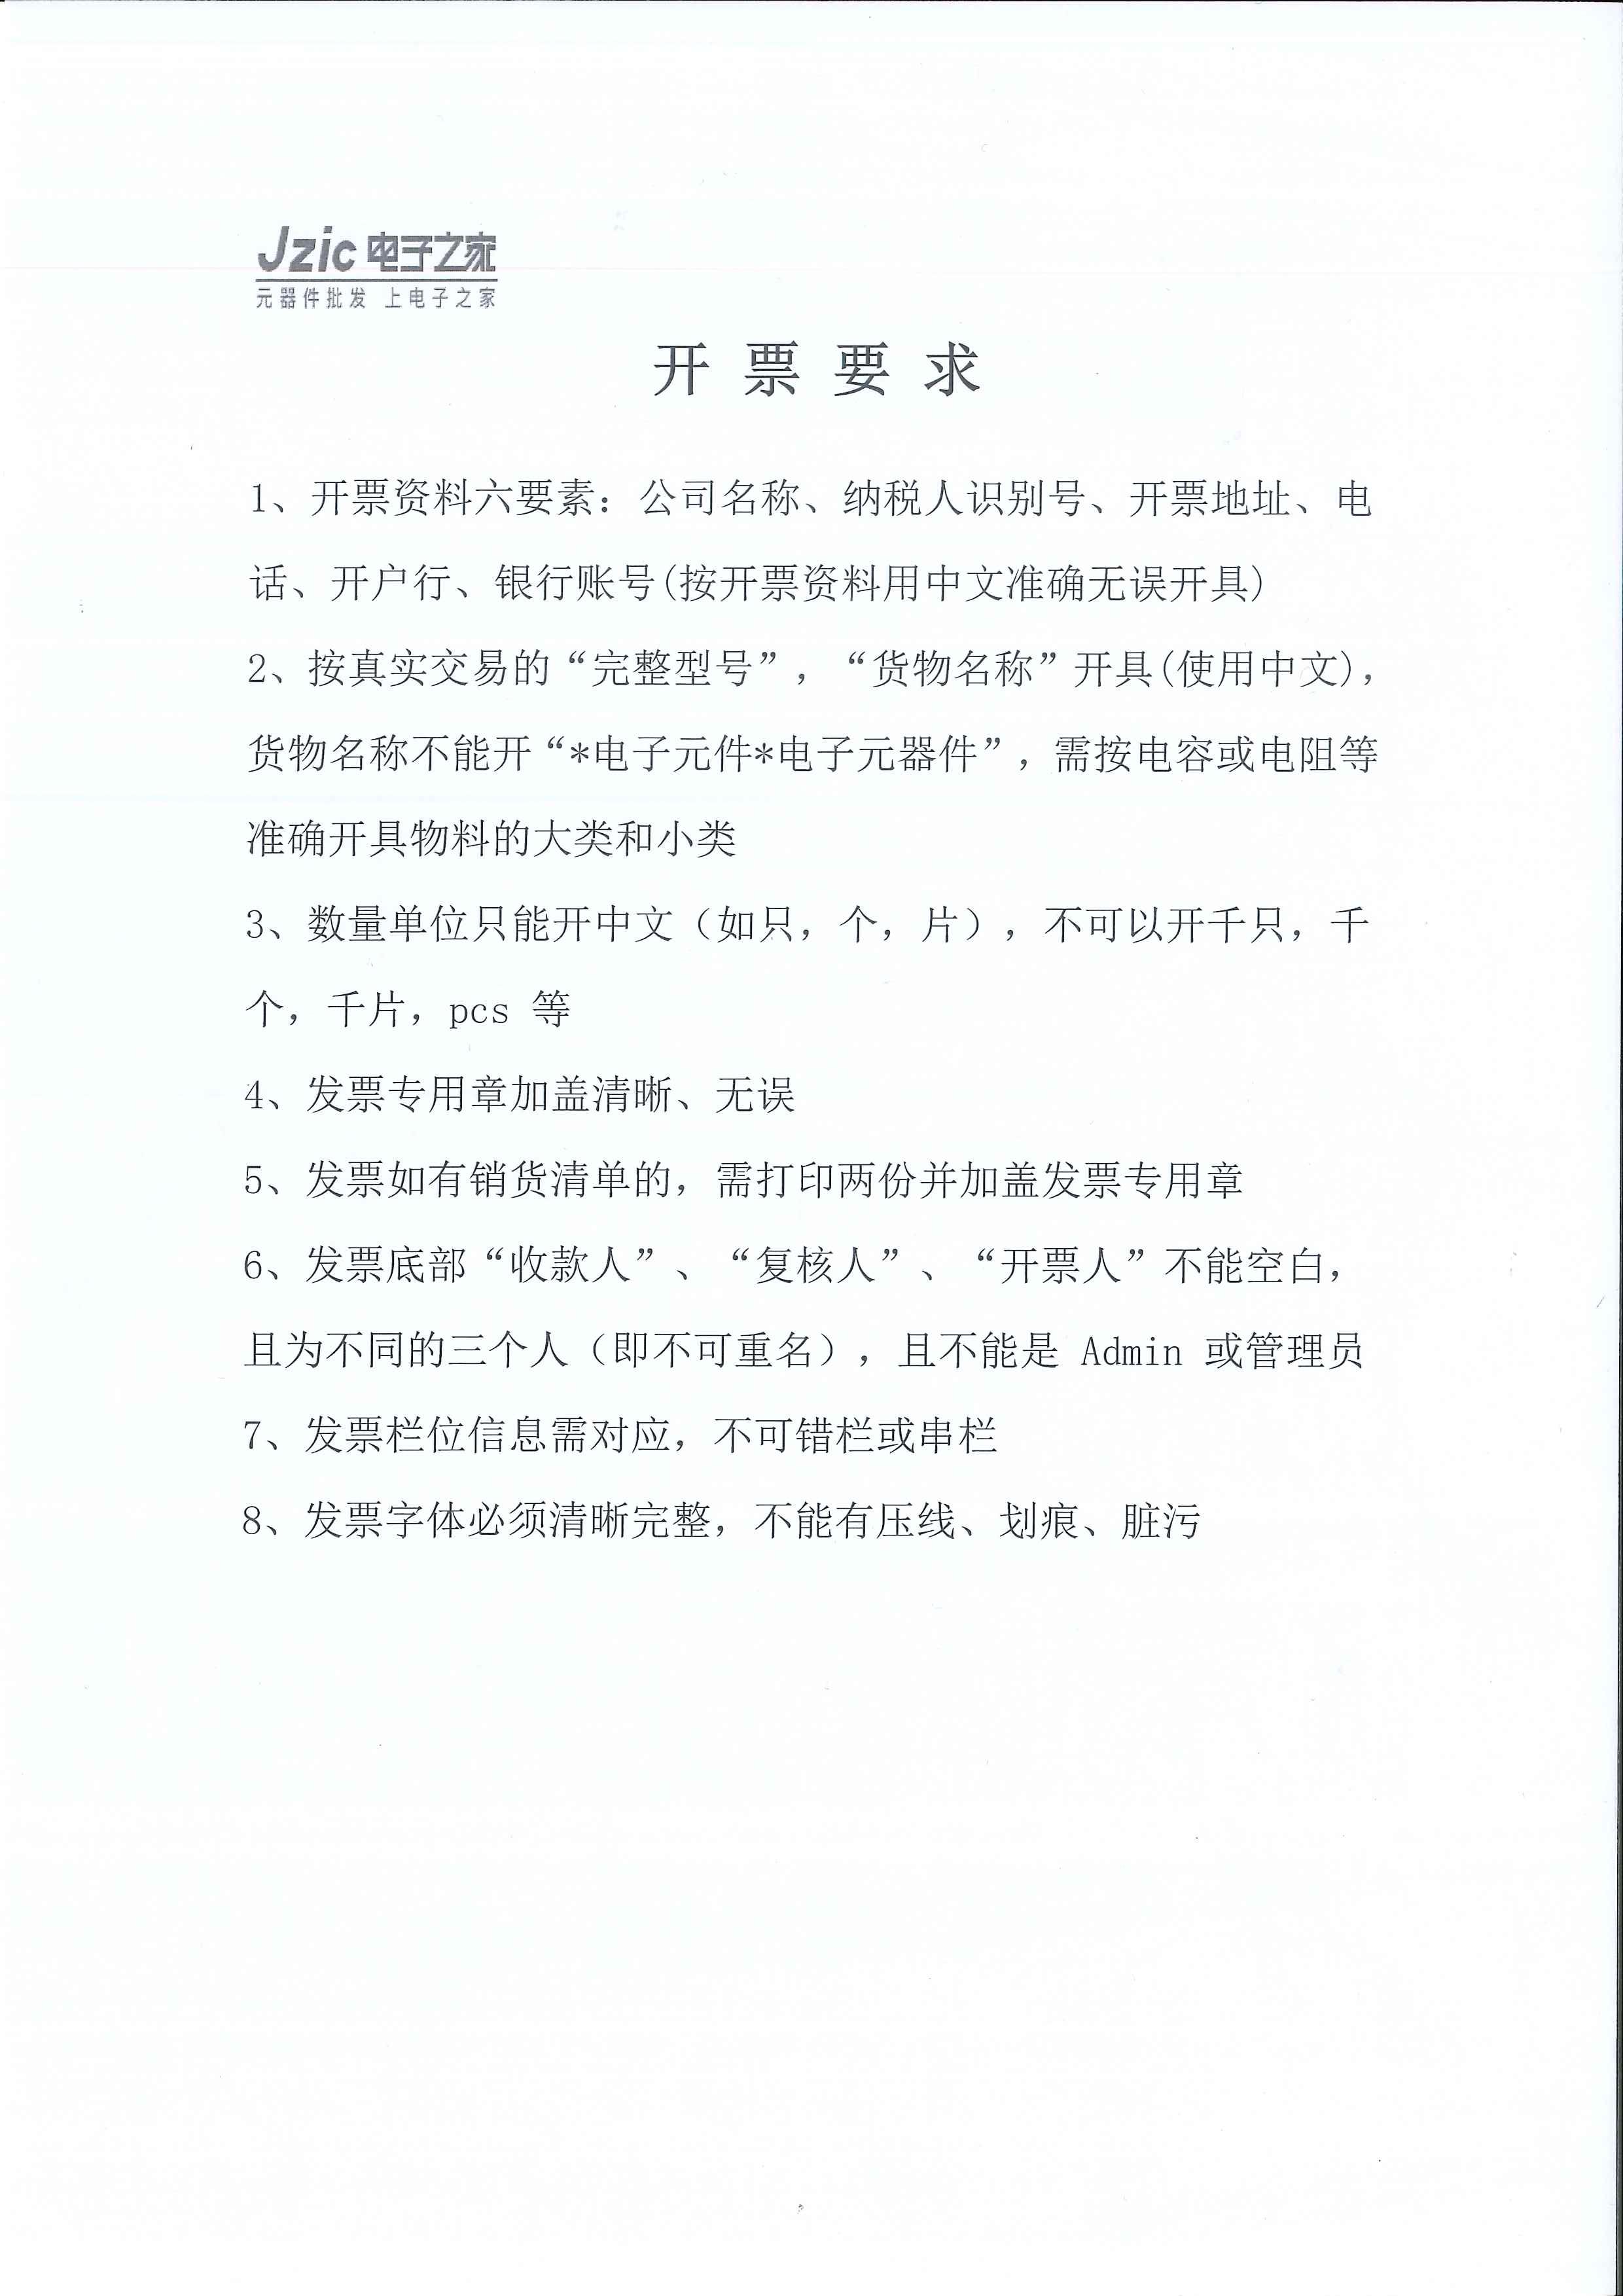 九州<a target='_blank' style='color:#218fe8;text-decoration:underline !important;' href='https://www.jzic.com/'>电子之家</a>开票资料及开票要求2021.2.png